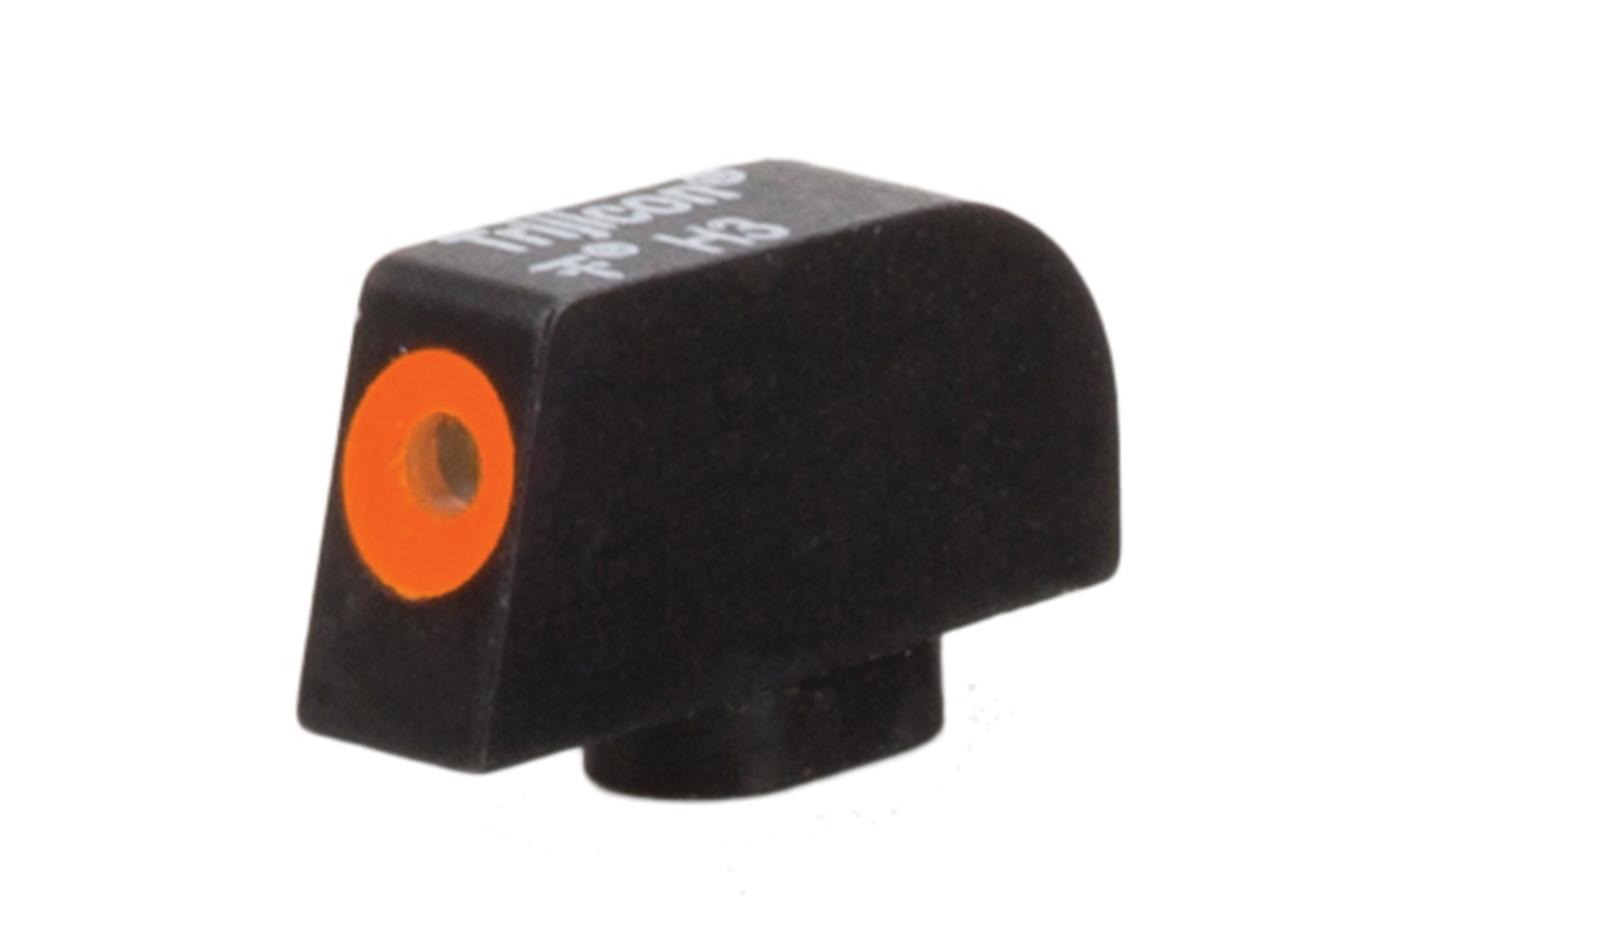 GL604-C-600843 angle 1